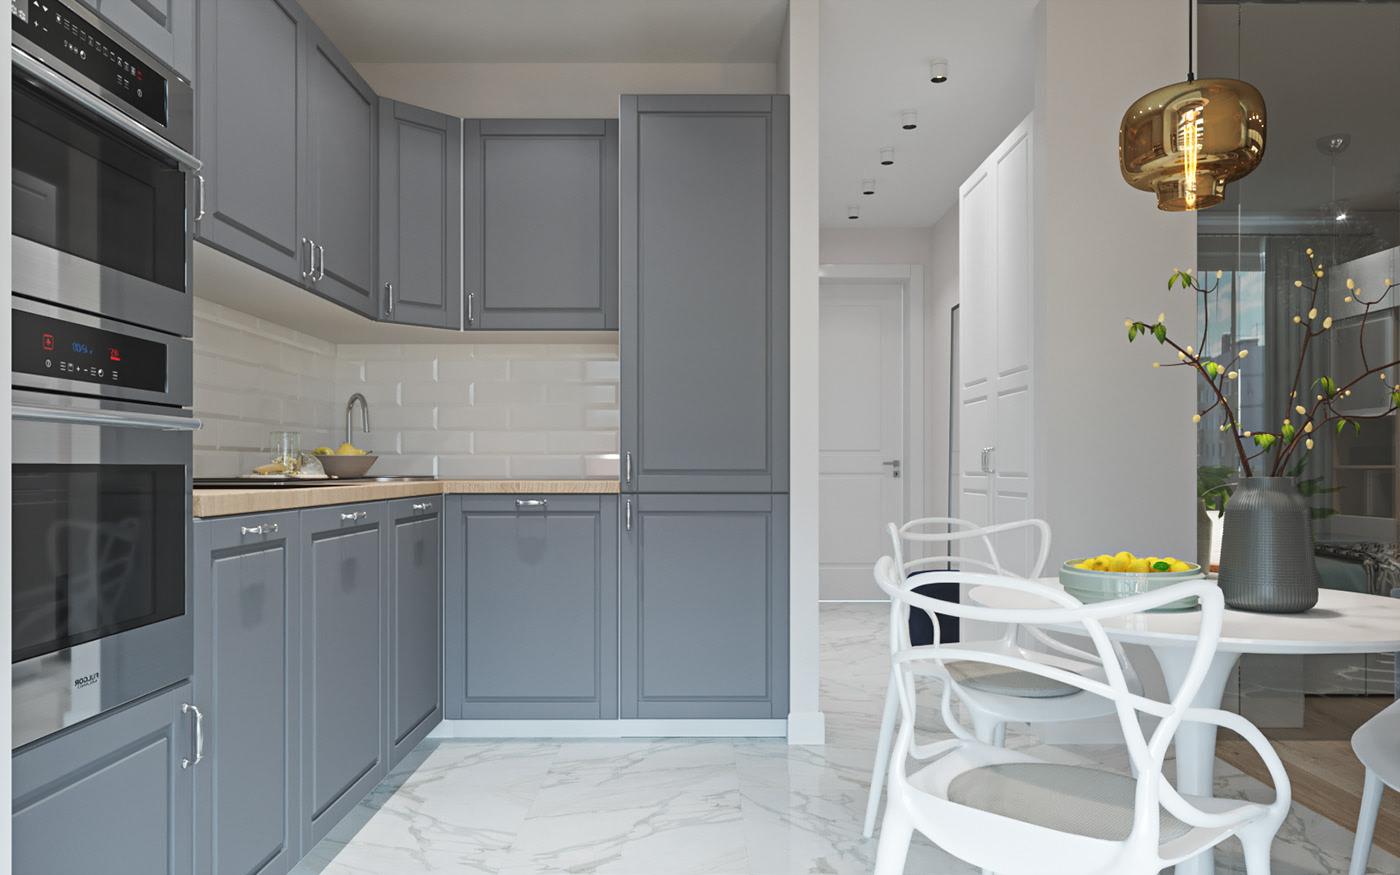 小户型公寓厨房简约装修效果图